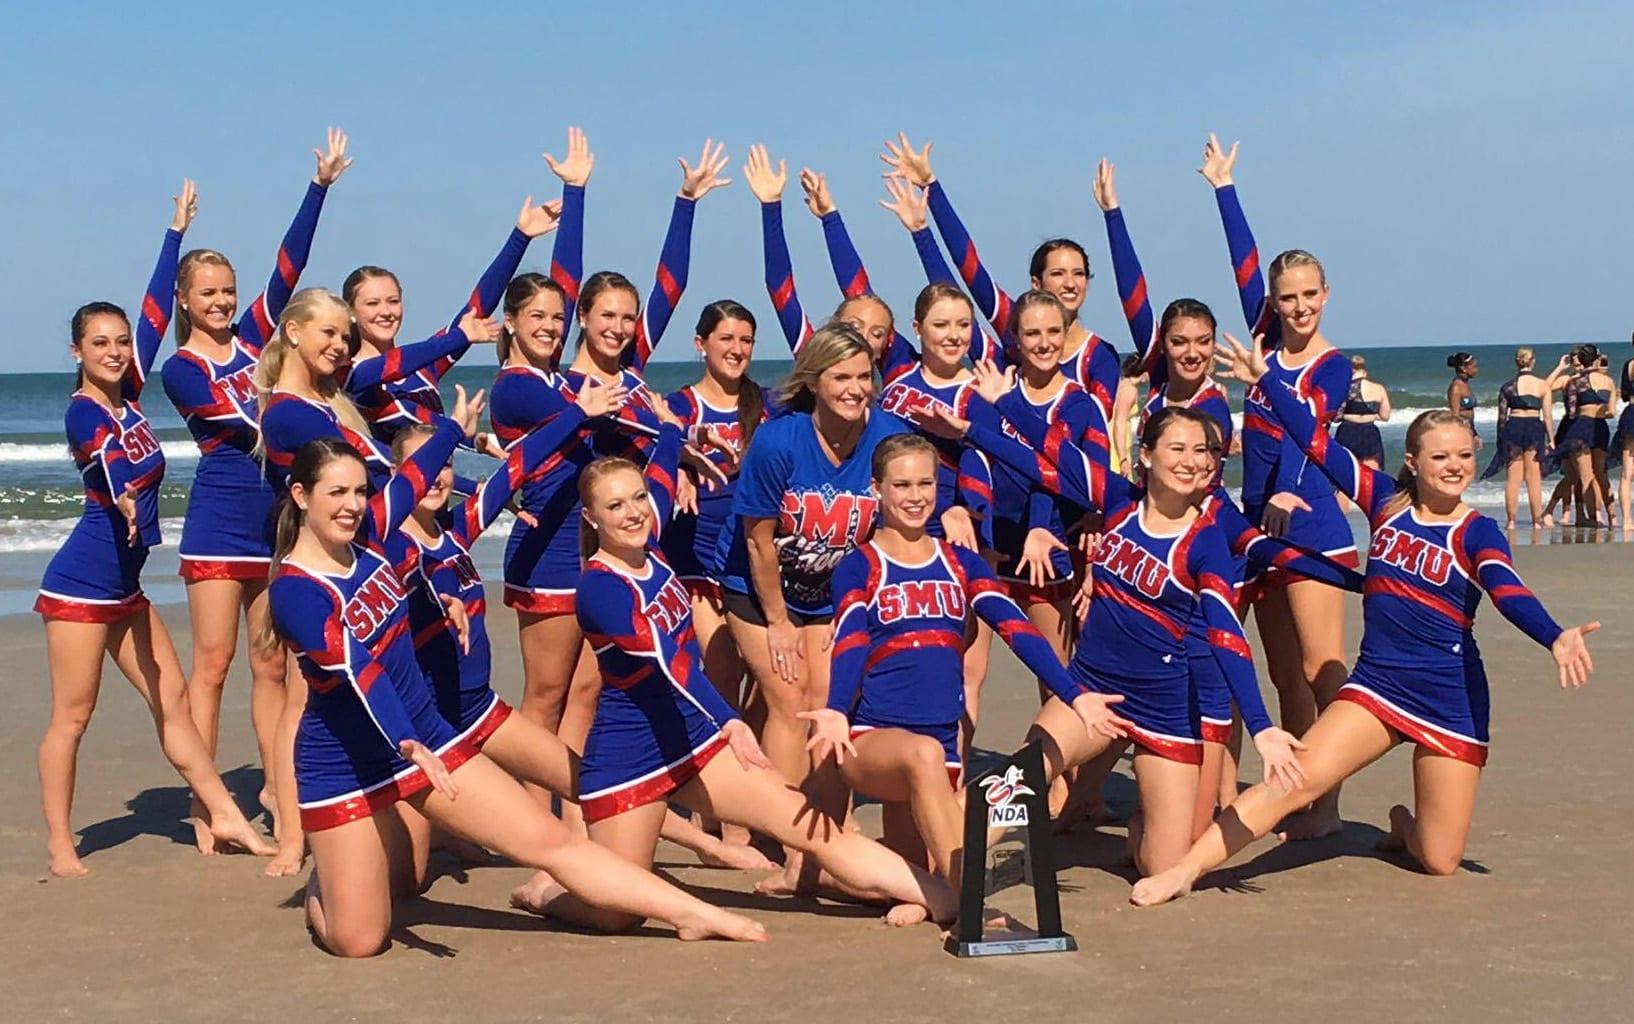 Mustang spirit squads shine at 2016 NCA Collegiate